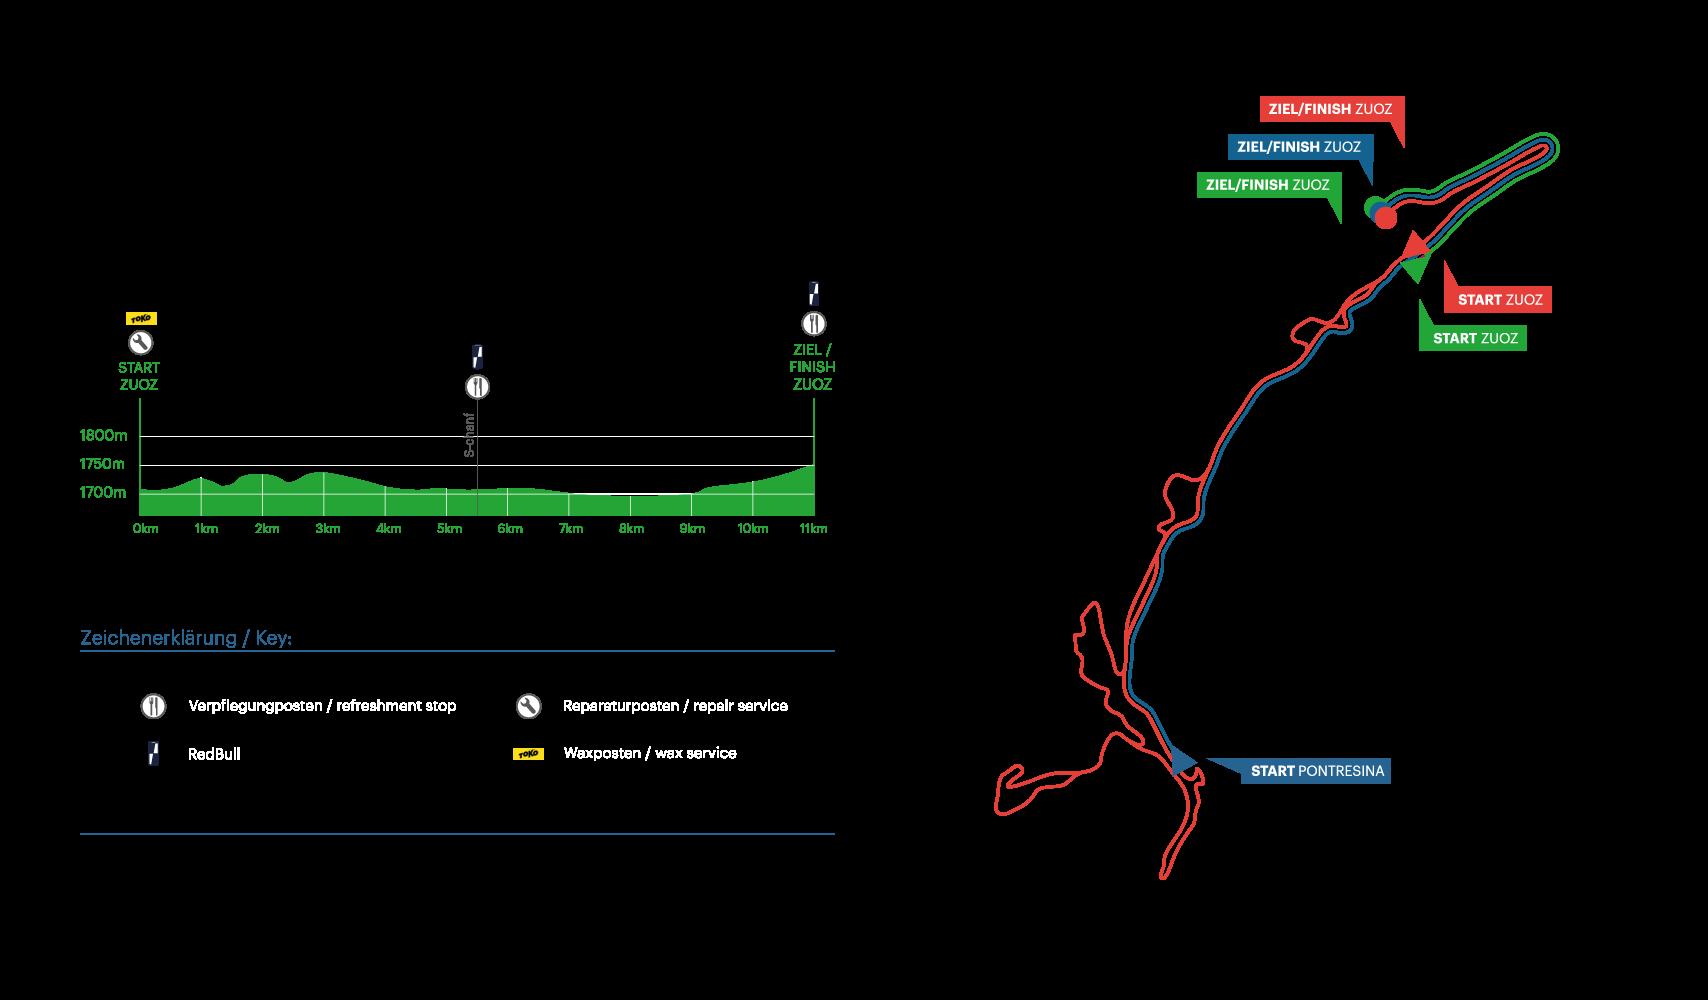 Streckenplan La Cuorta